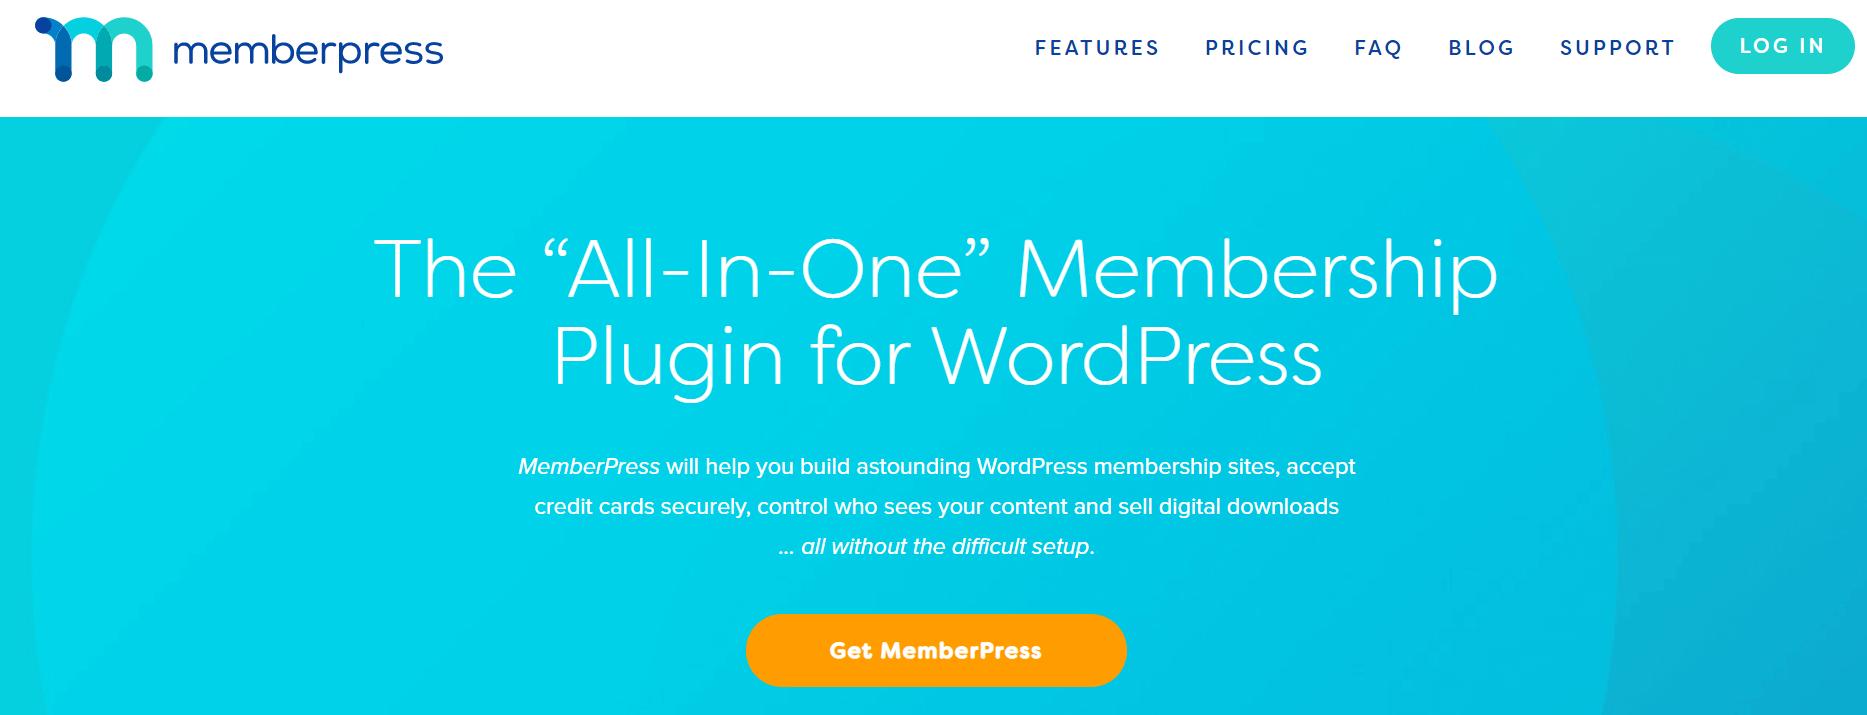 Memberpress Screenshot